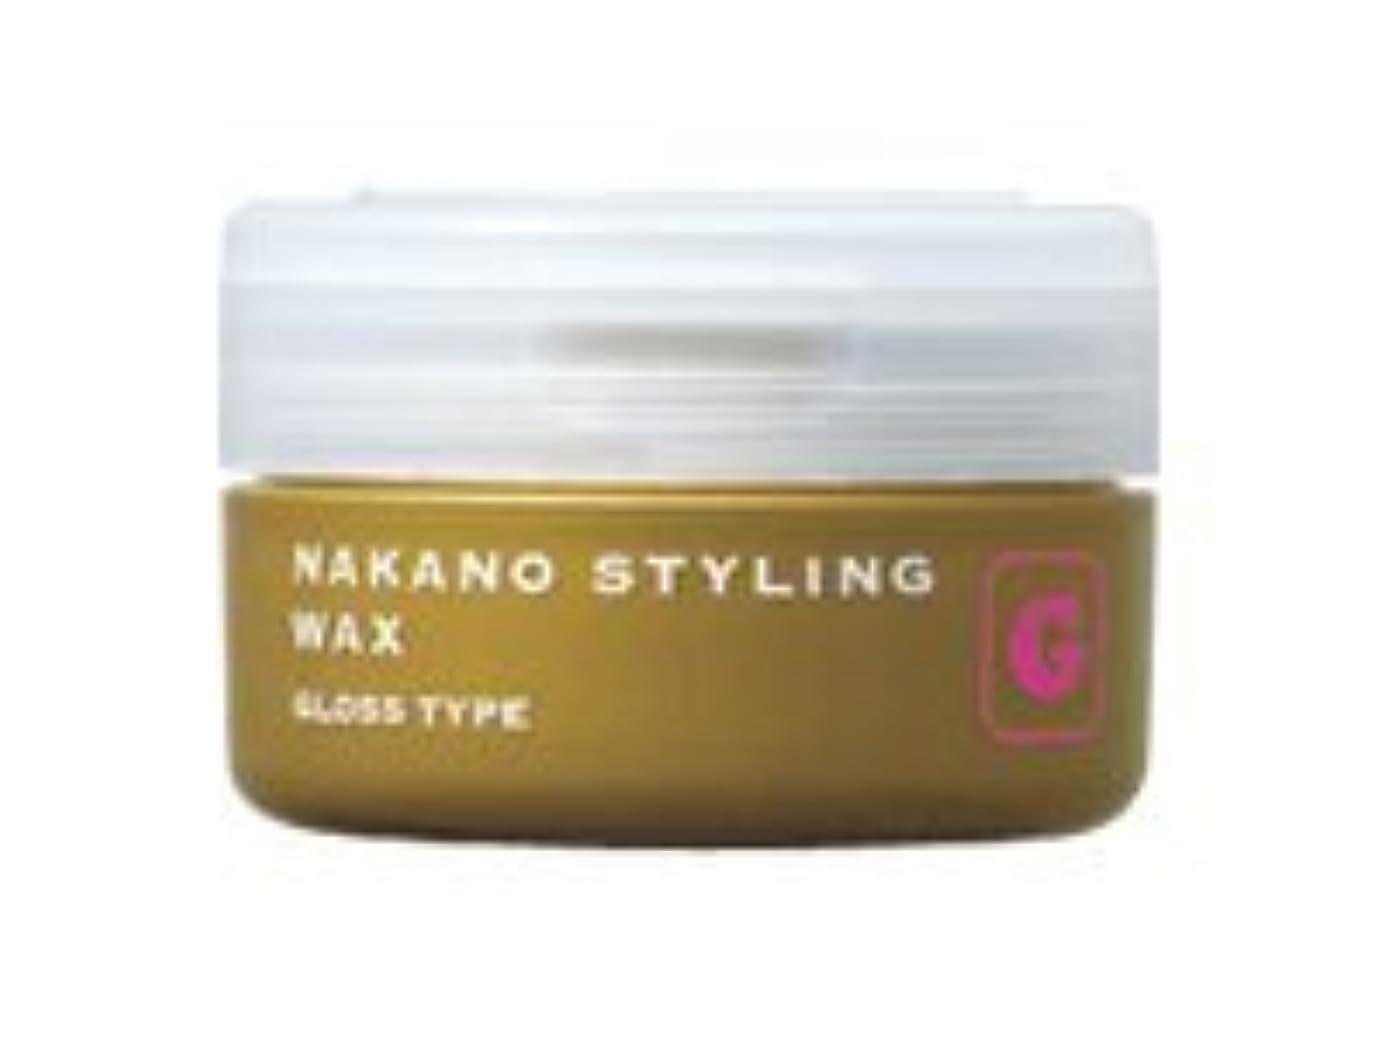 過ち組み合わせ風刺ナカノ スタイリングワックス G グロスタイプ 90g 中野製薬 NAKANO